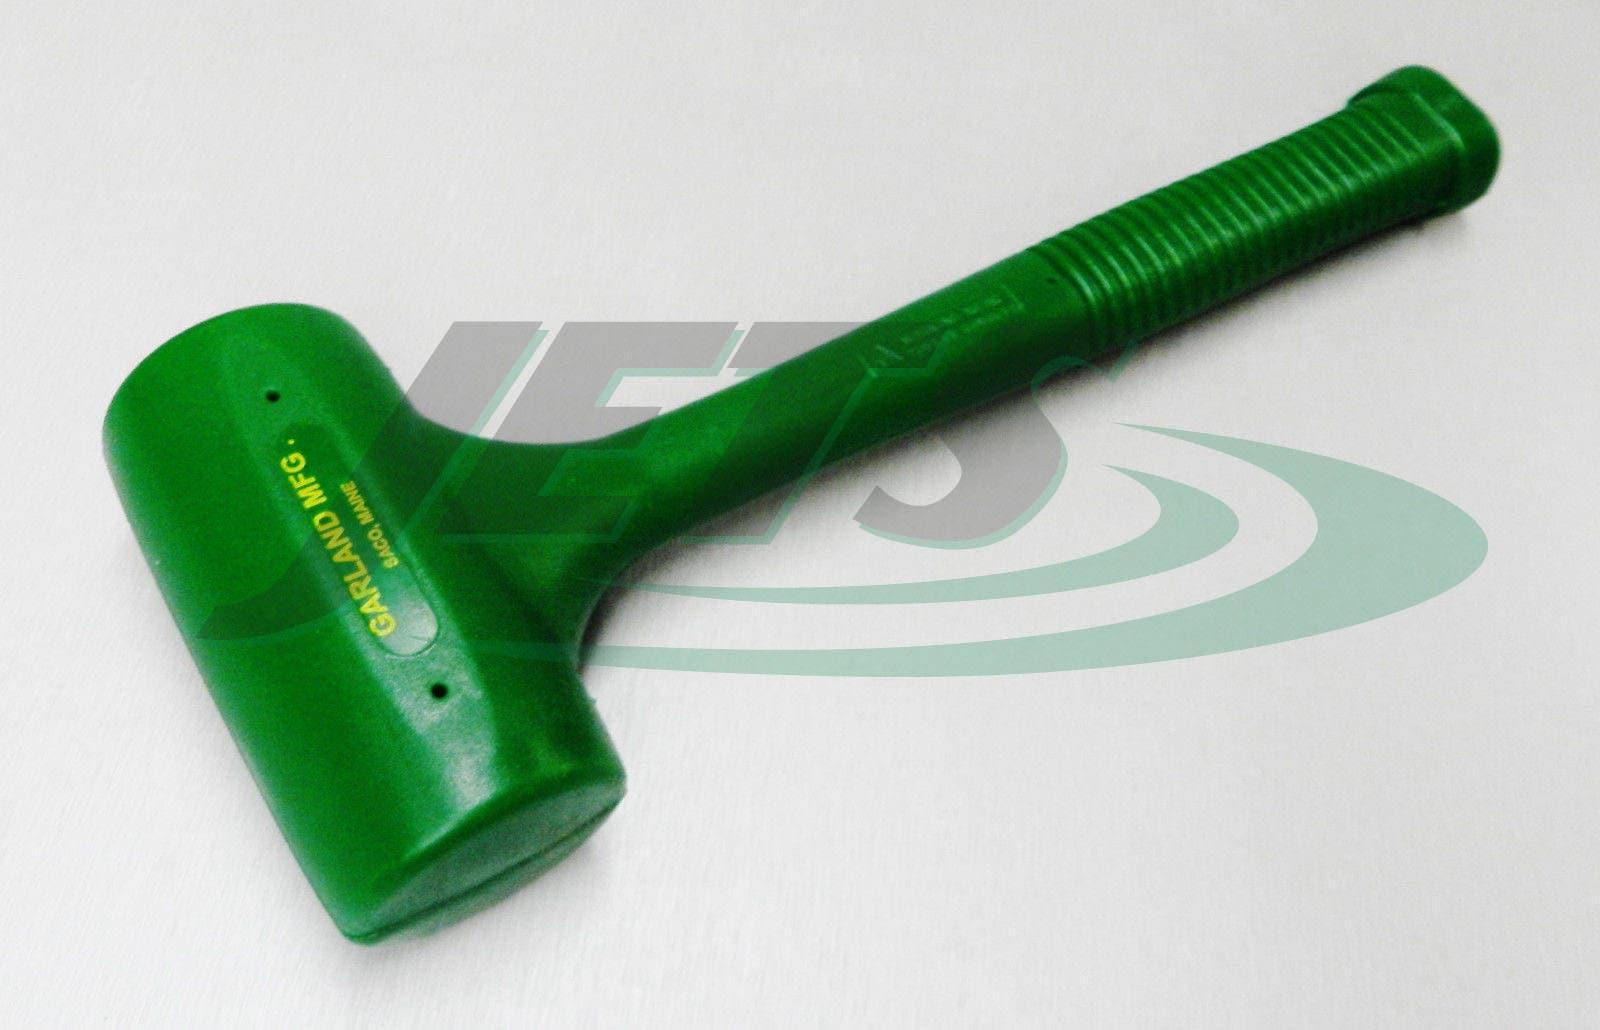 48 oz morts coup marteau guirlande tête Standard 40004 40004 40004 polyuréthane Mallet fabriquée aux USA (3 lb R boite A) 2d9e03